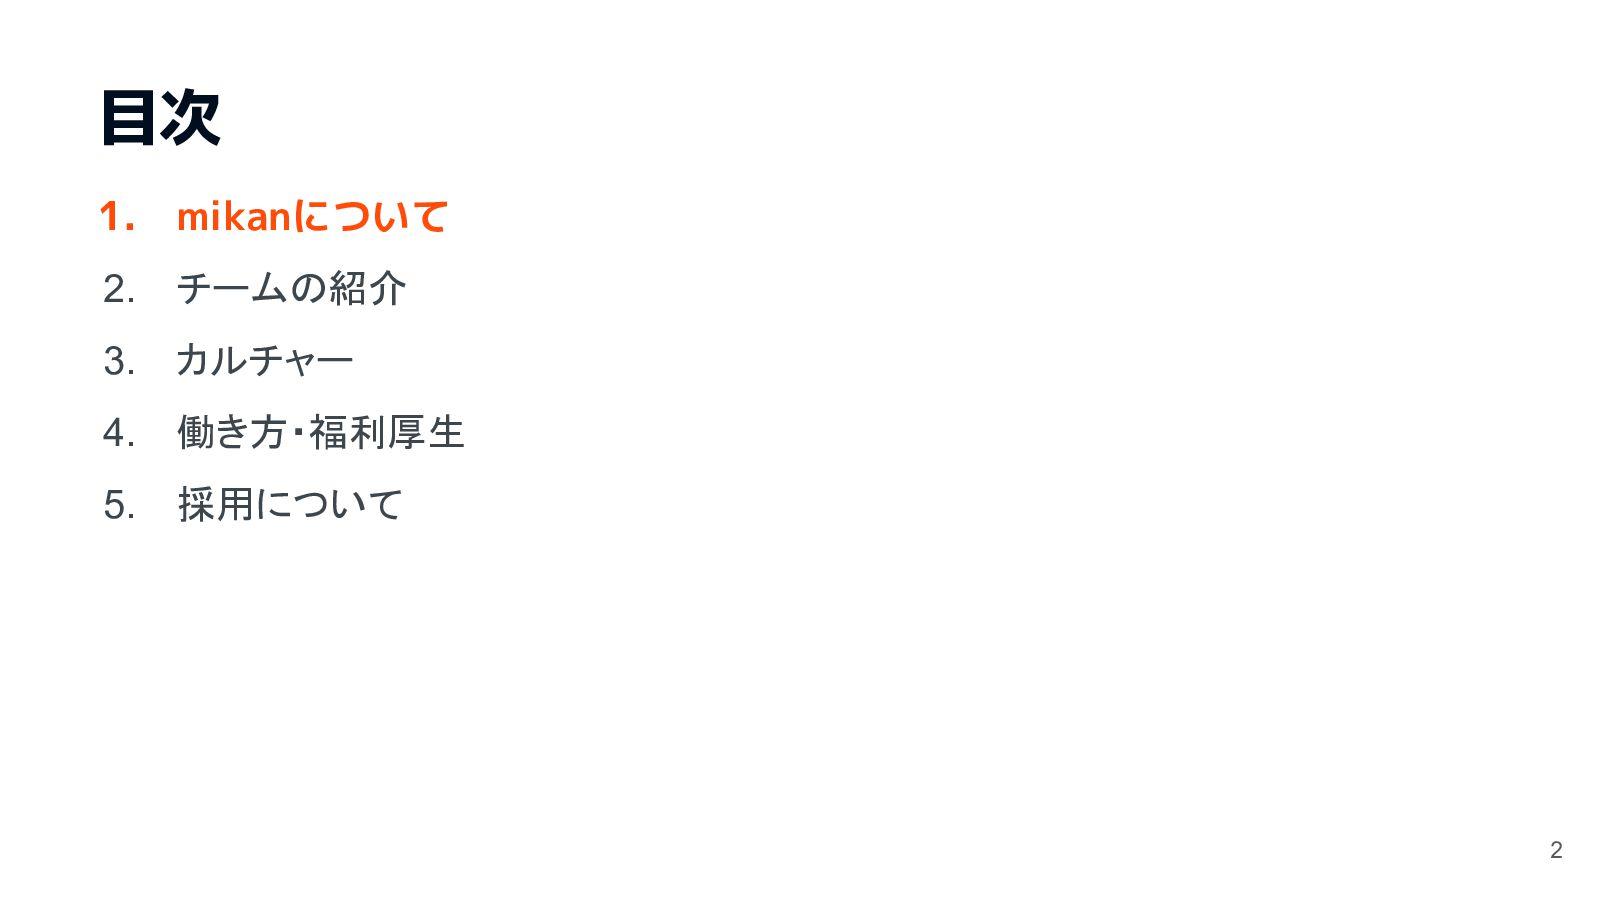 目次 1. 株式会社mikanについて 2. チームの紹介 3. 未来 4. カルチャー 5....